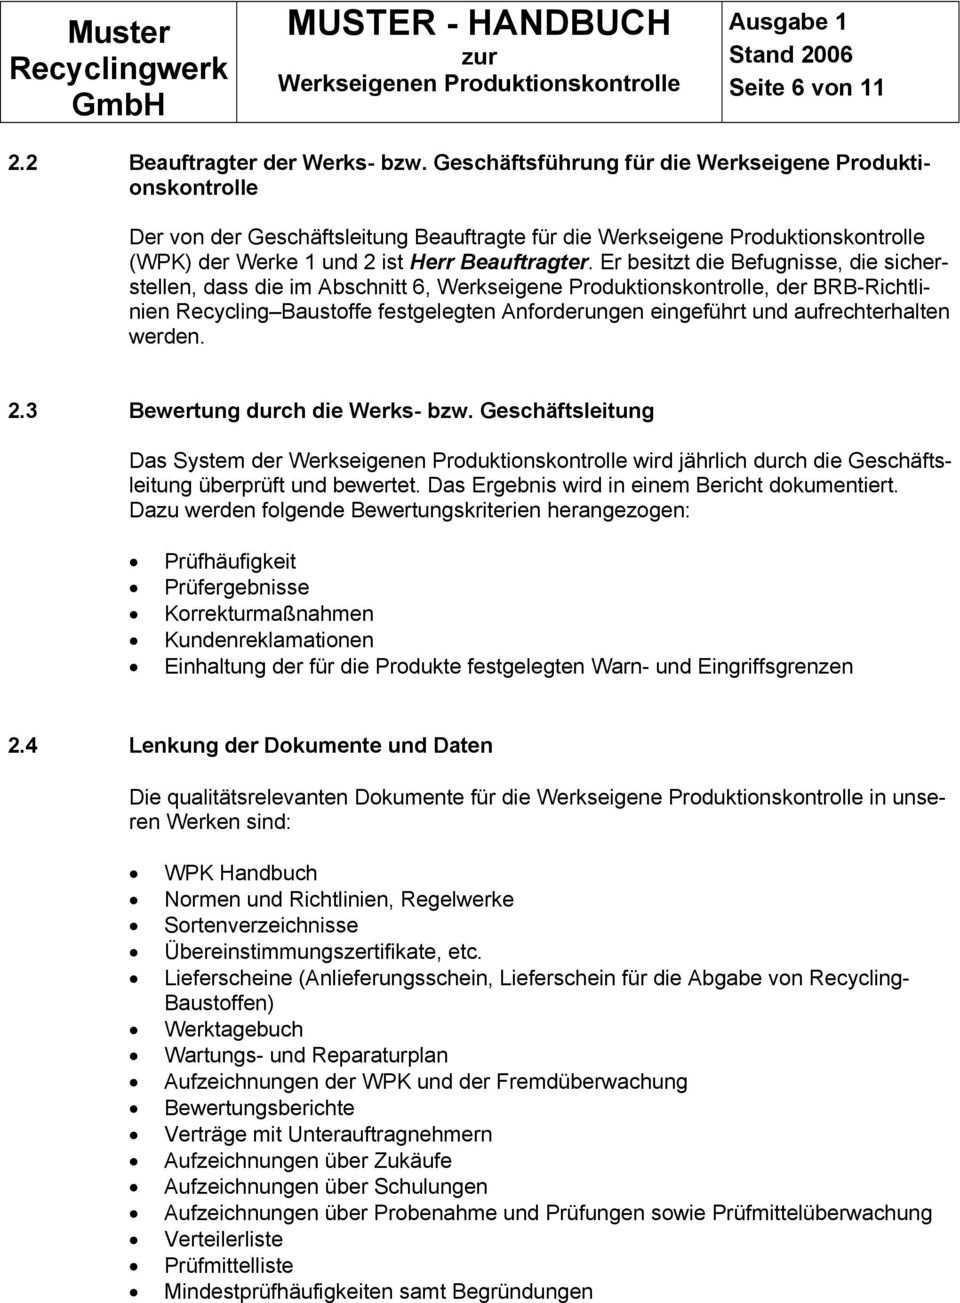 Muster Handbuch Zur Werkseigenen Produktionskontrolle Musterhandbuch Werkseigene Produktionskontrolle Wpk Pdf Free Download